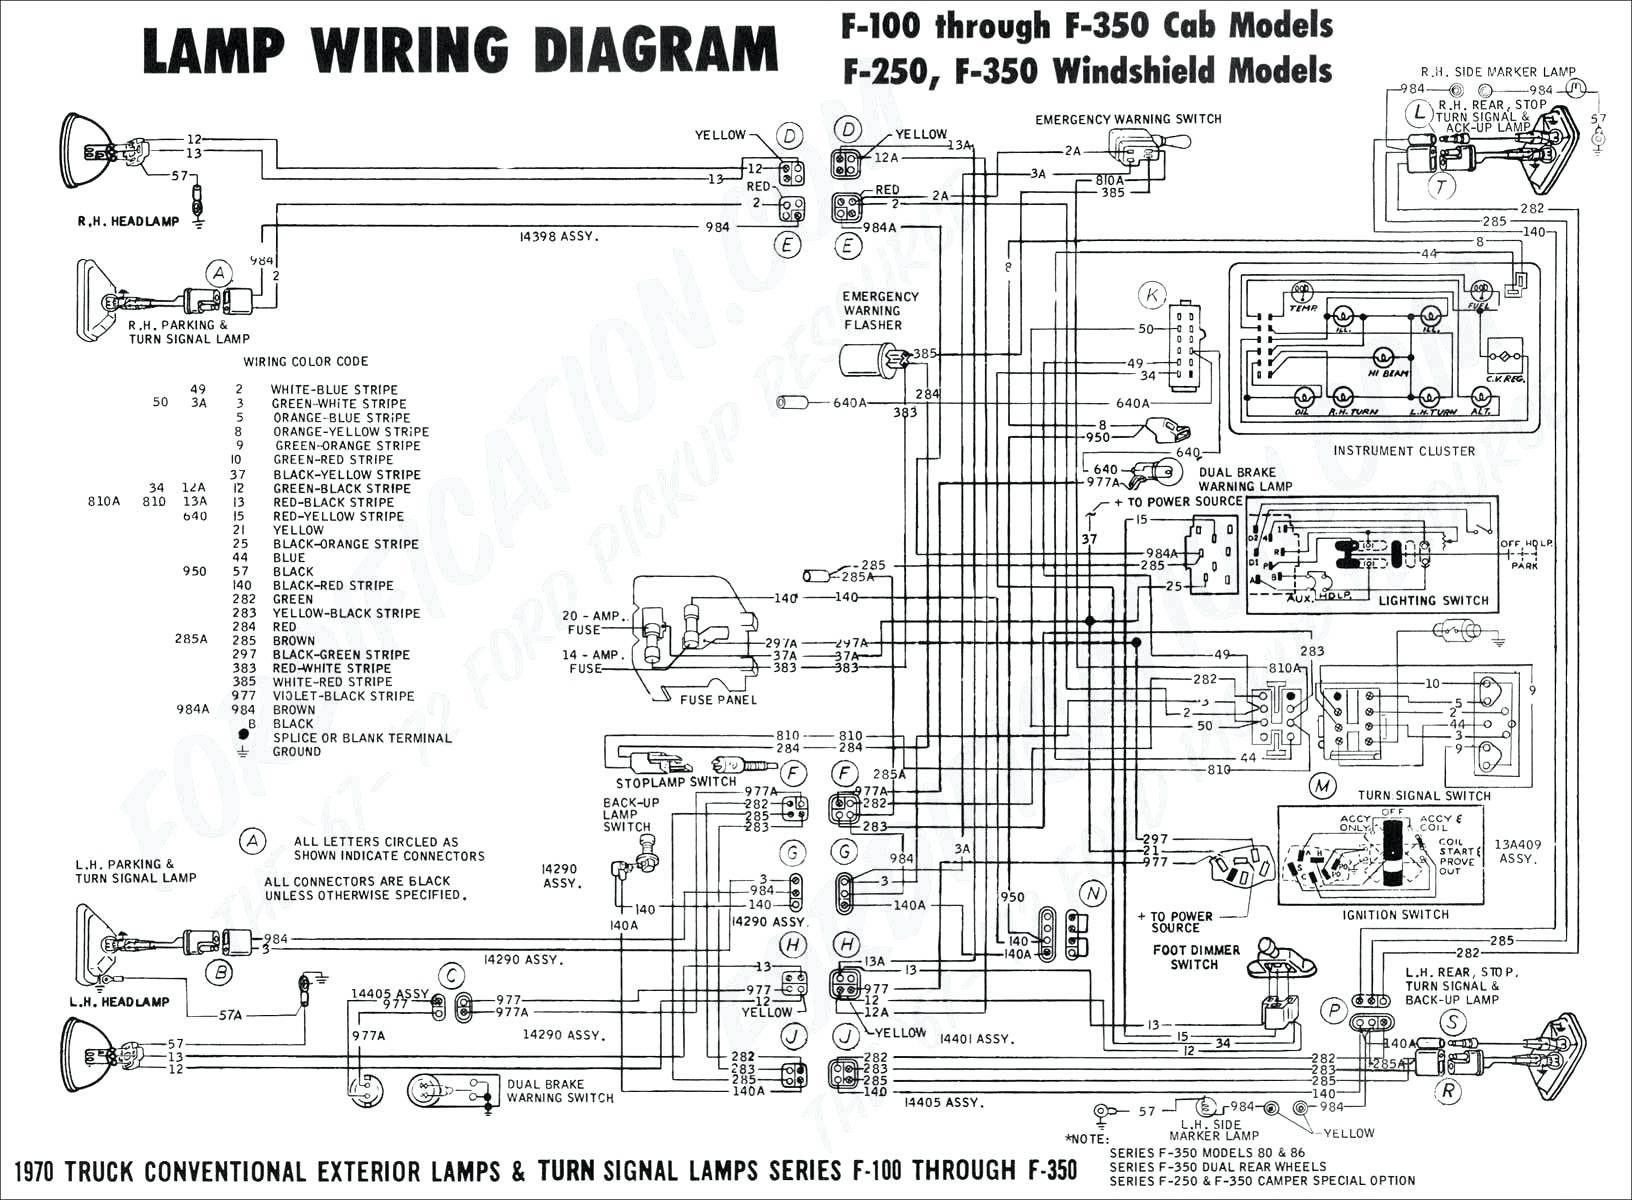 Peterbilt 379 Starter Wiring Diagram New 2001 Peterbilt 379 Wiring - Peterbilt 379 Wiring Diagram